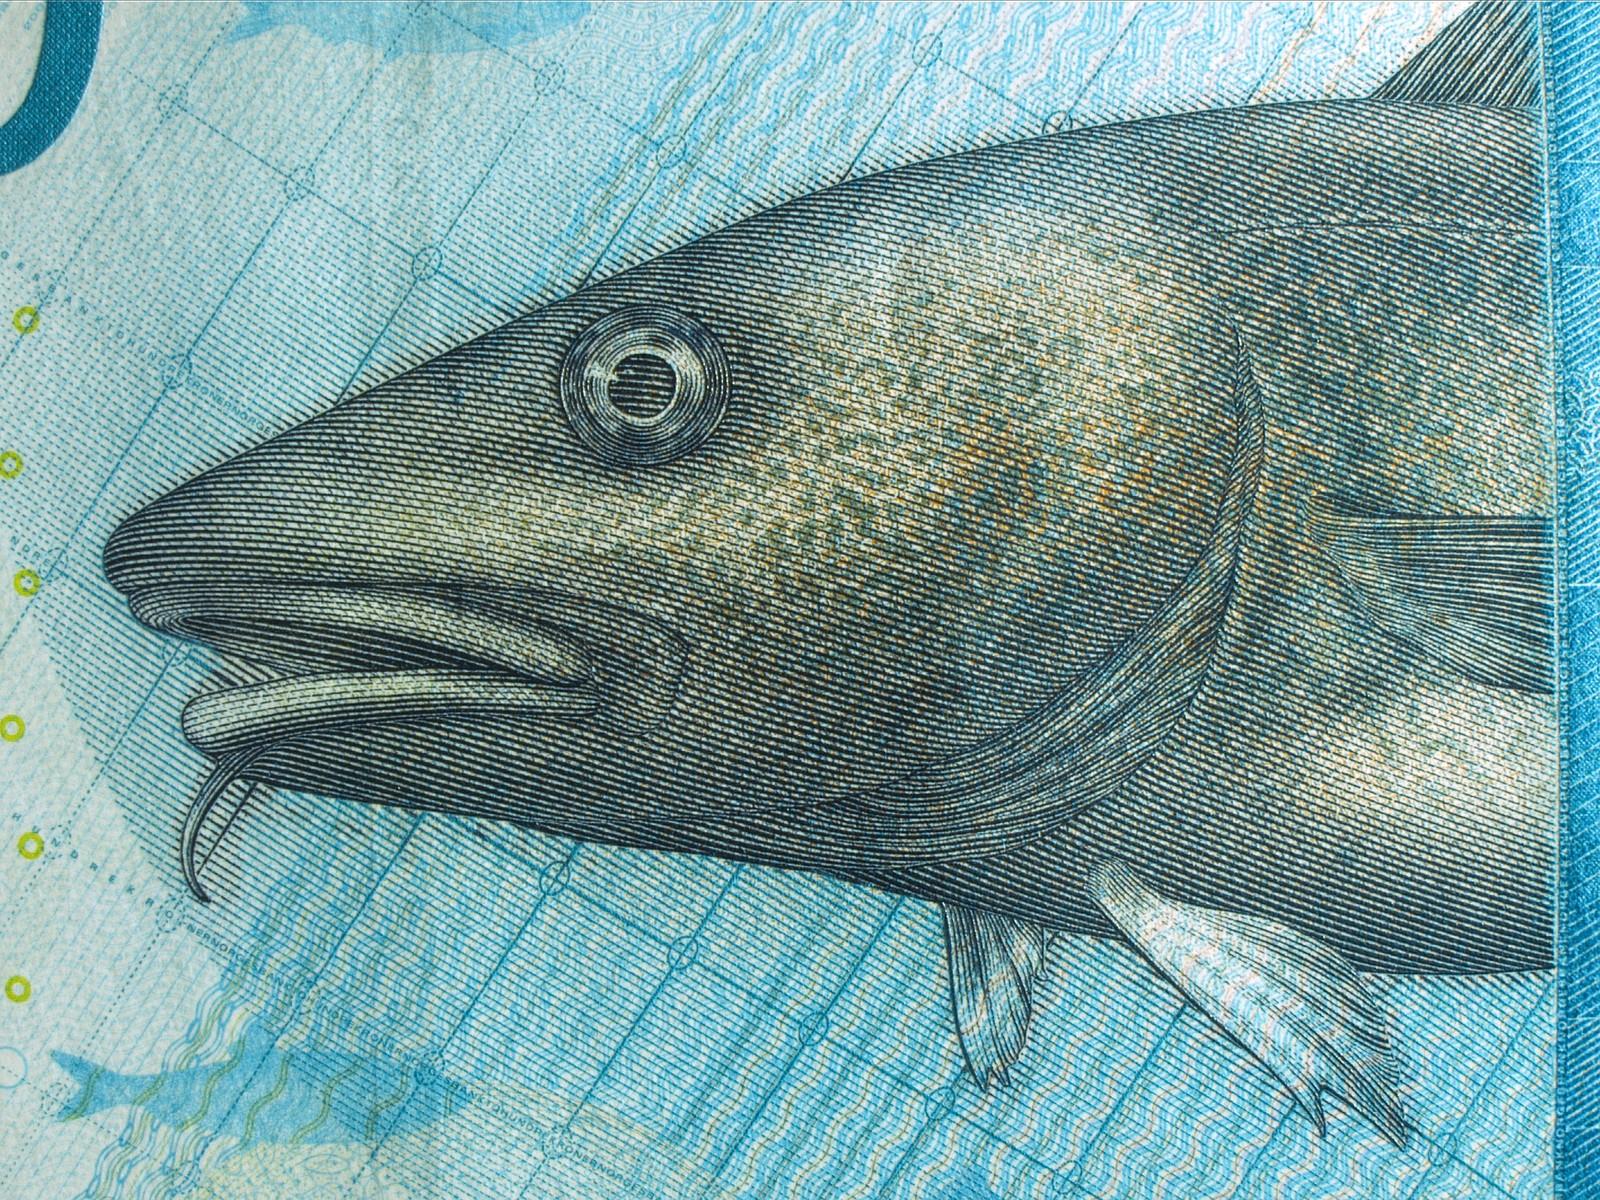 Hovedmotivet på 200-kroneseddelen er en torsk.